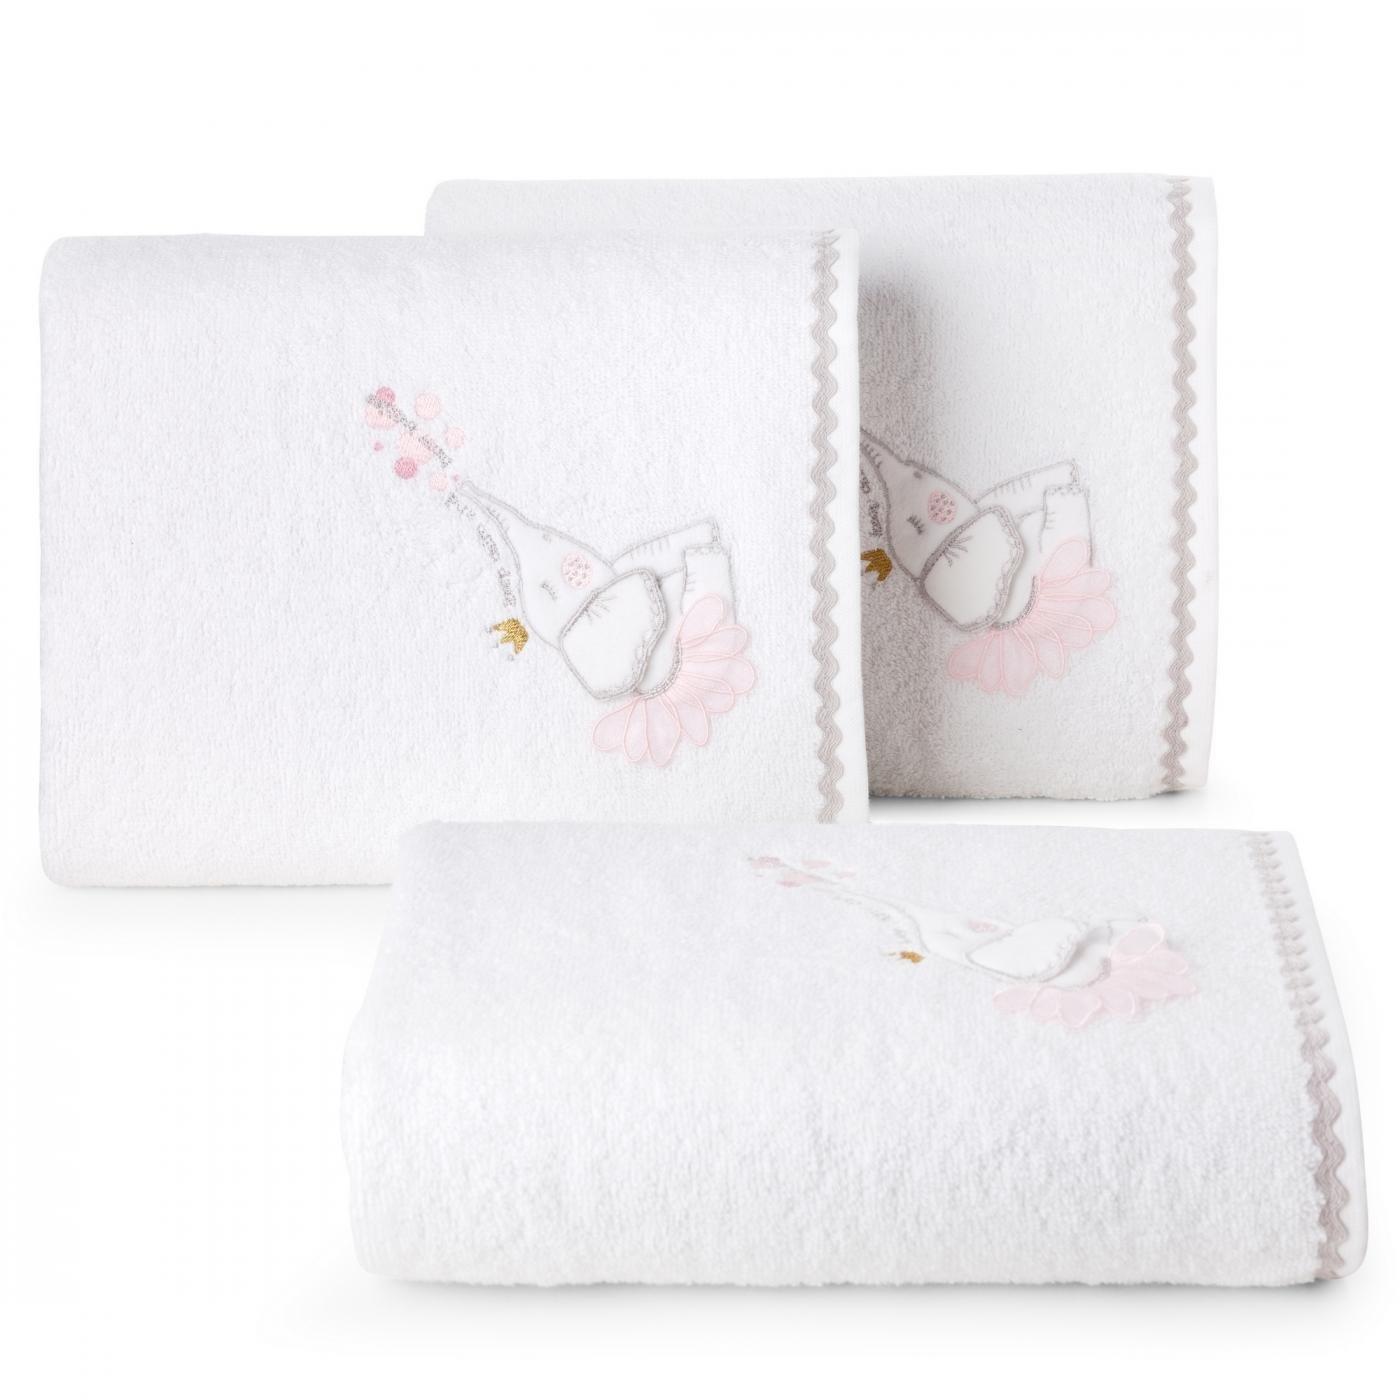 Dziecięcy ręcznik kąpielowy biały słoń z kapturem 75x75 cm